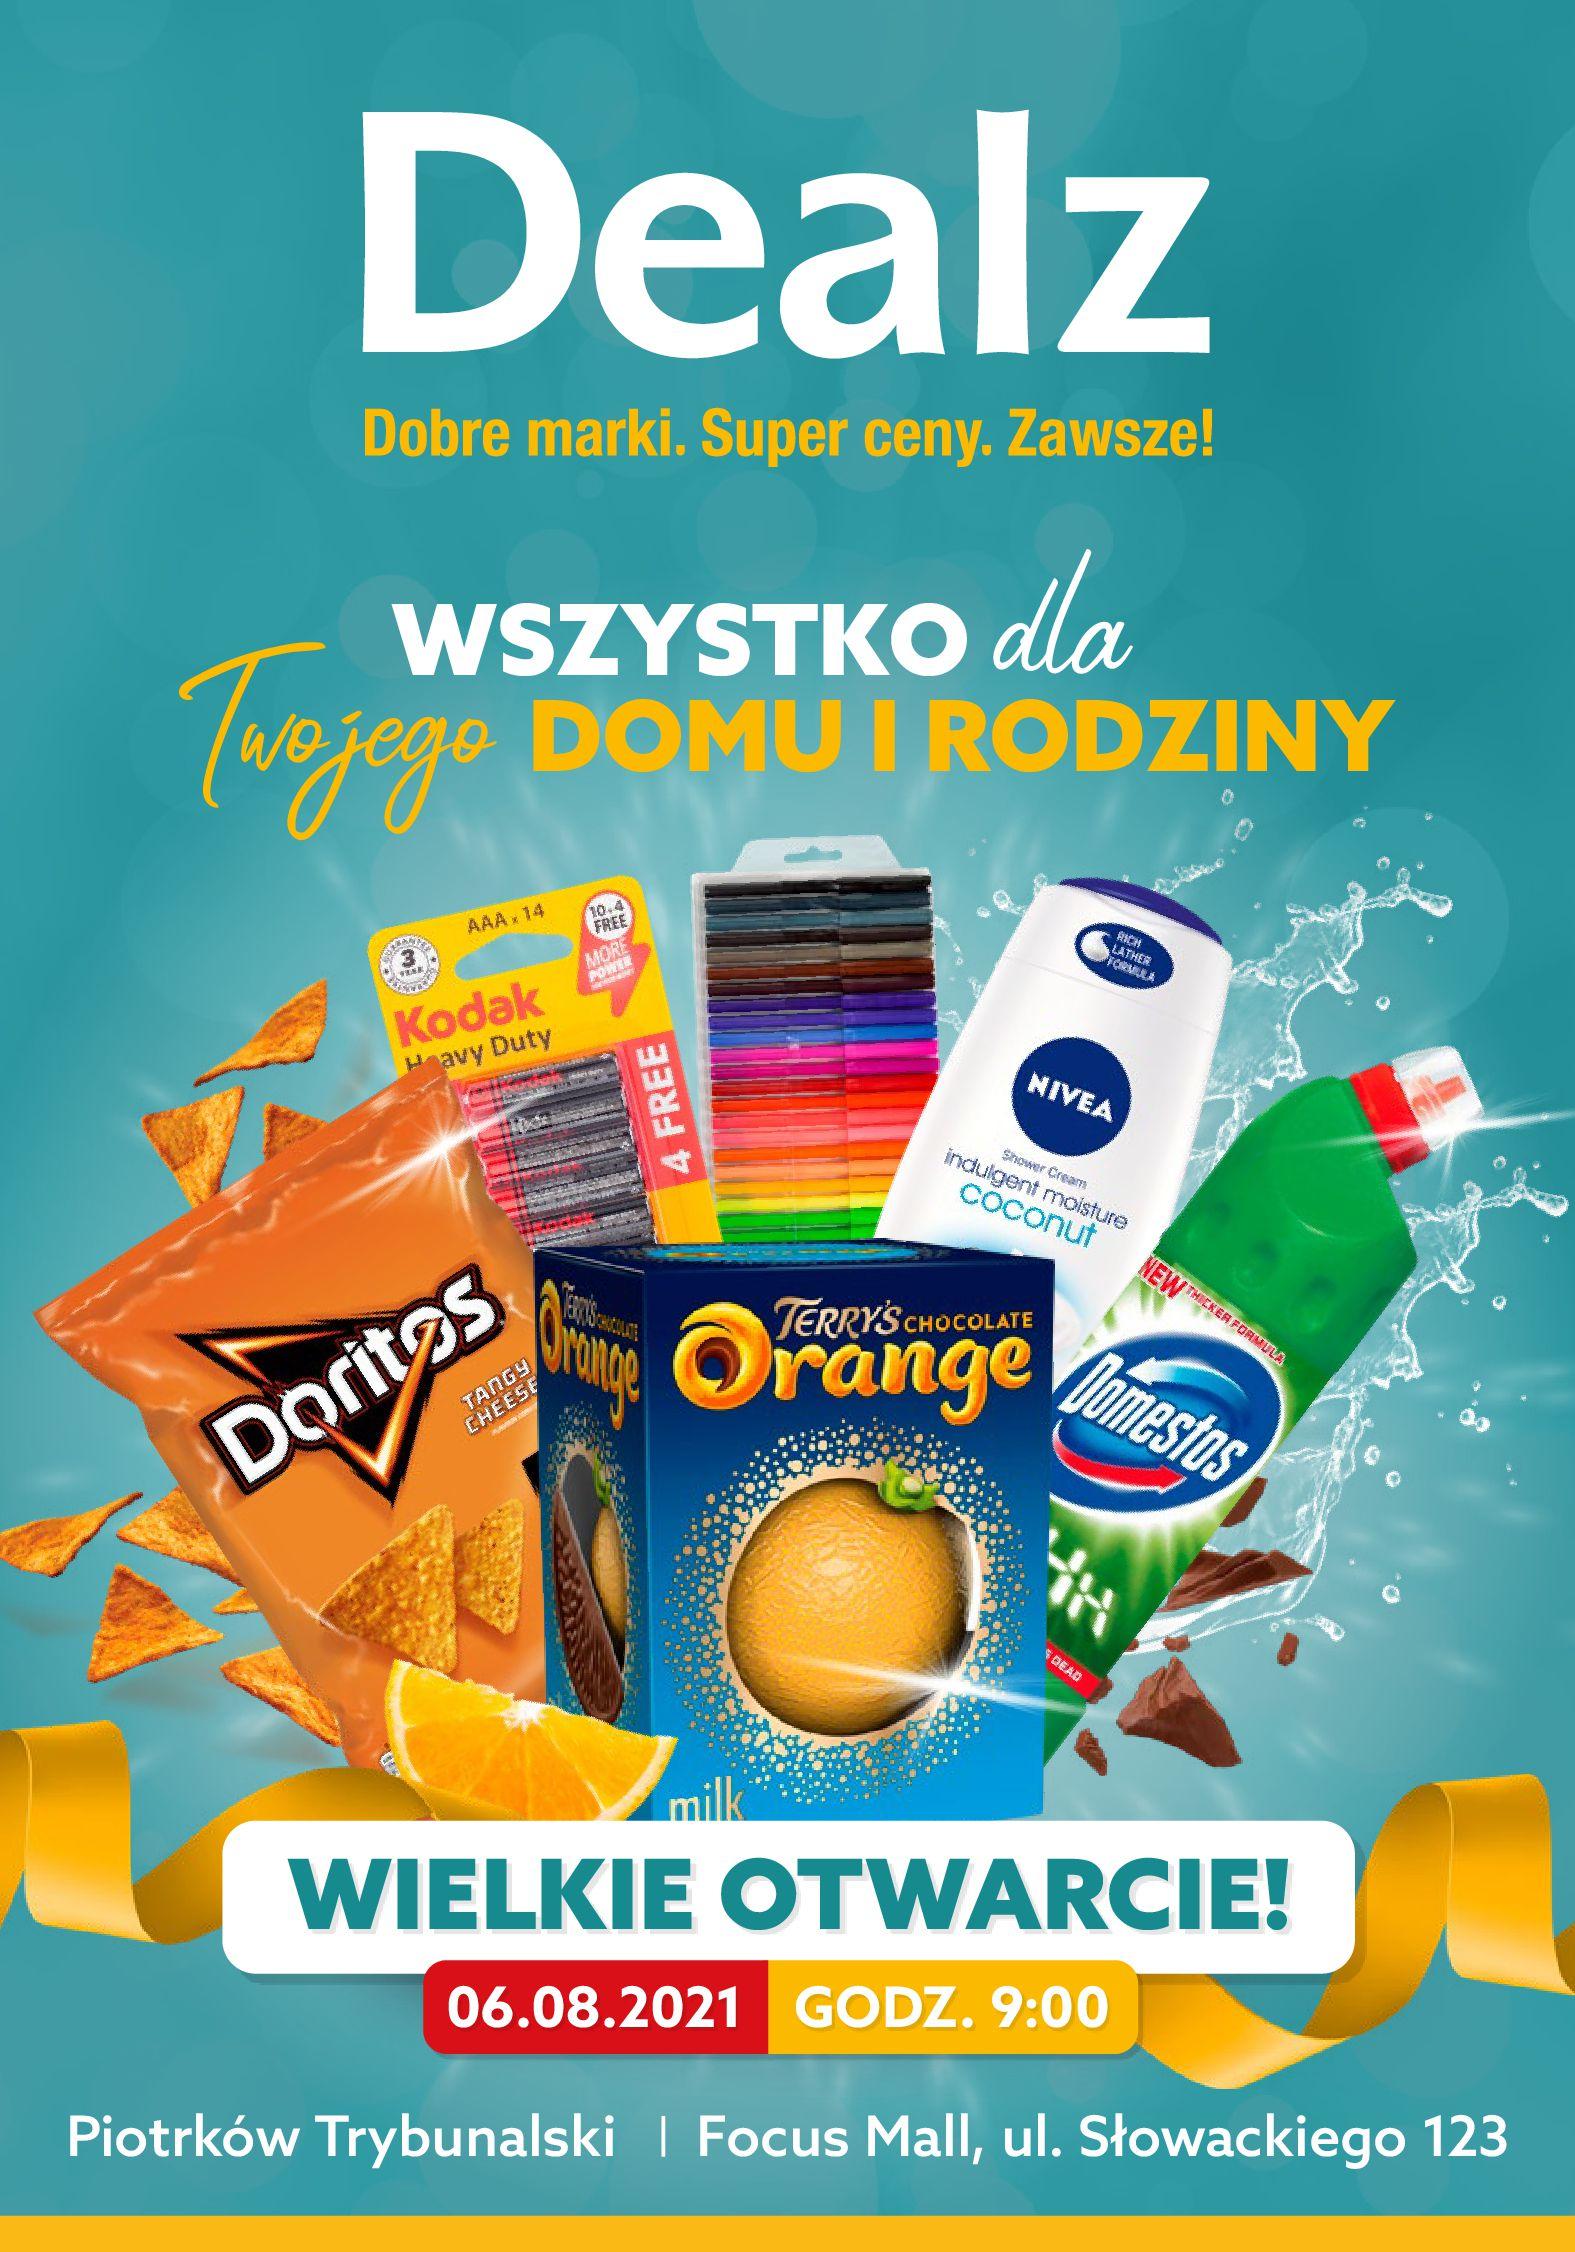 Dealz :  Gazetka Dealz - Otwarcie Piotrków Trybunalski 05.08.2021